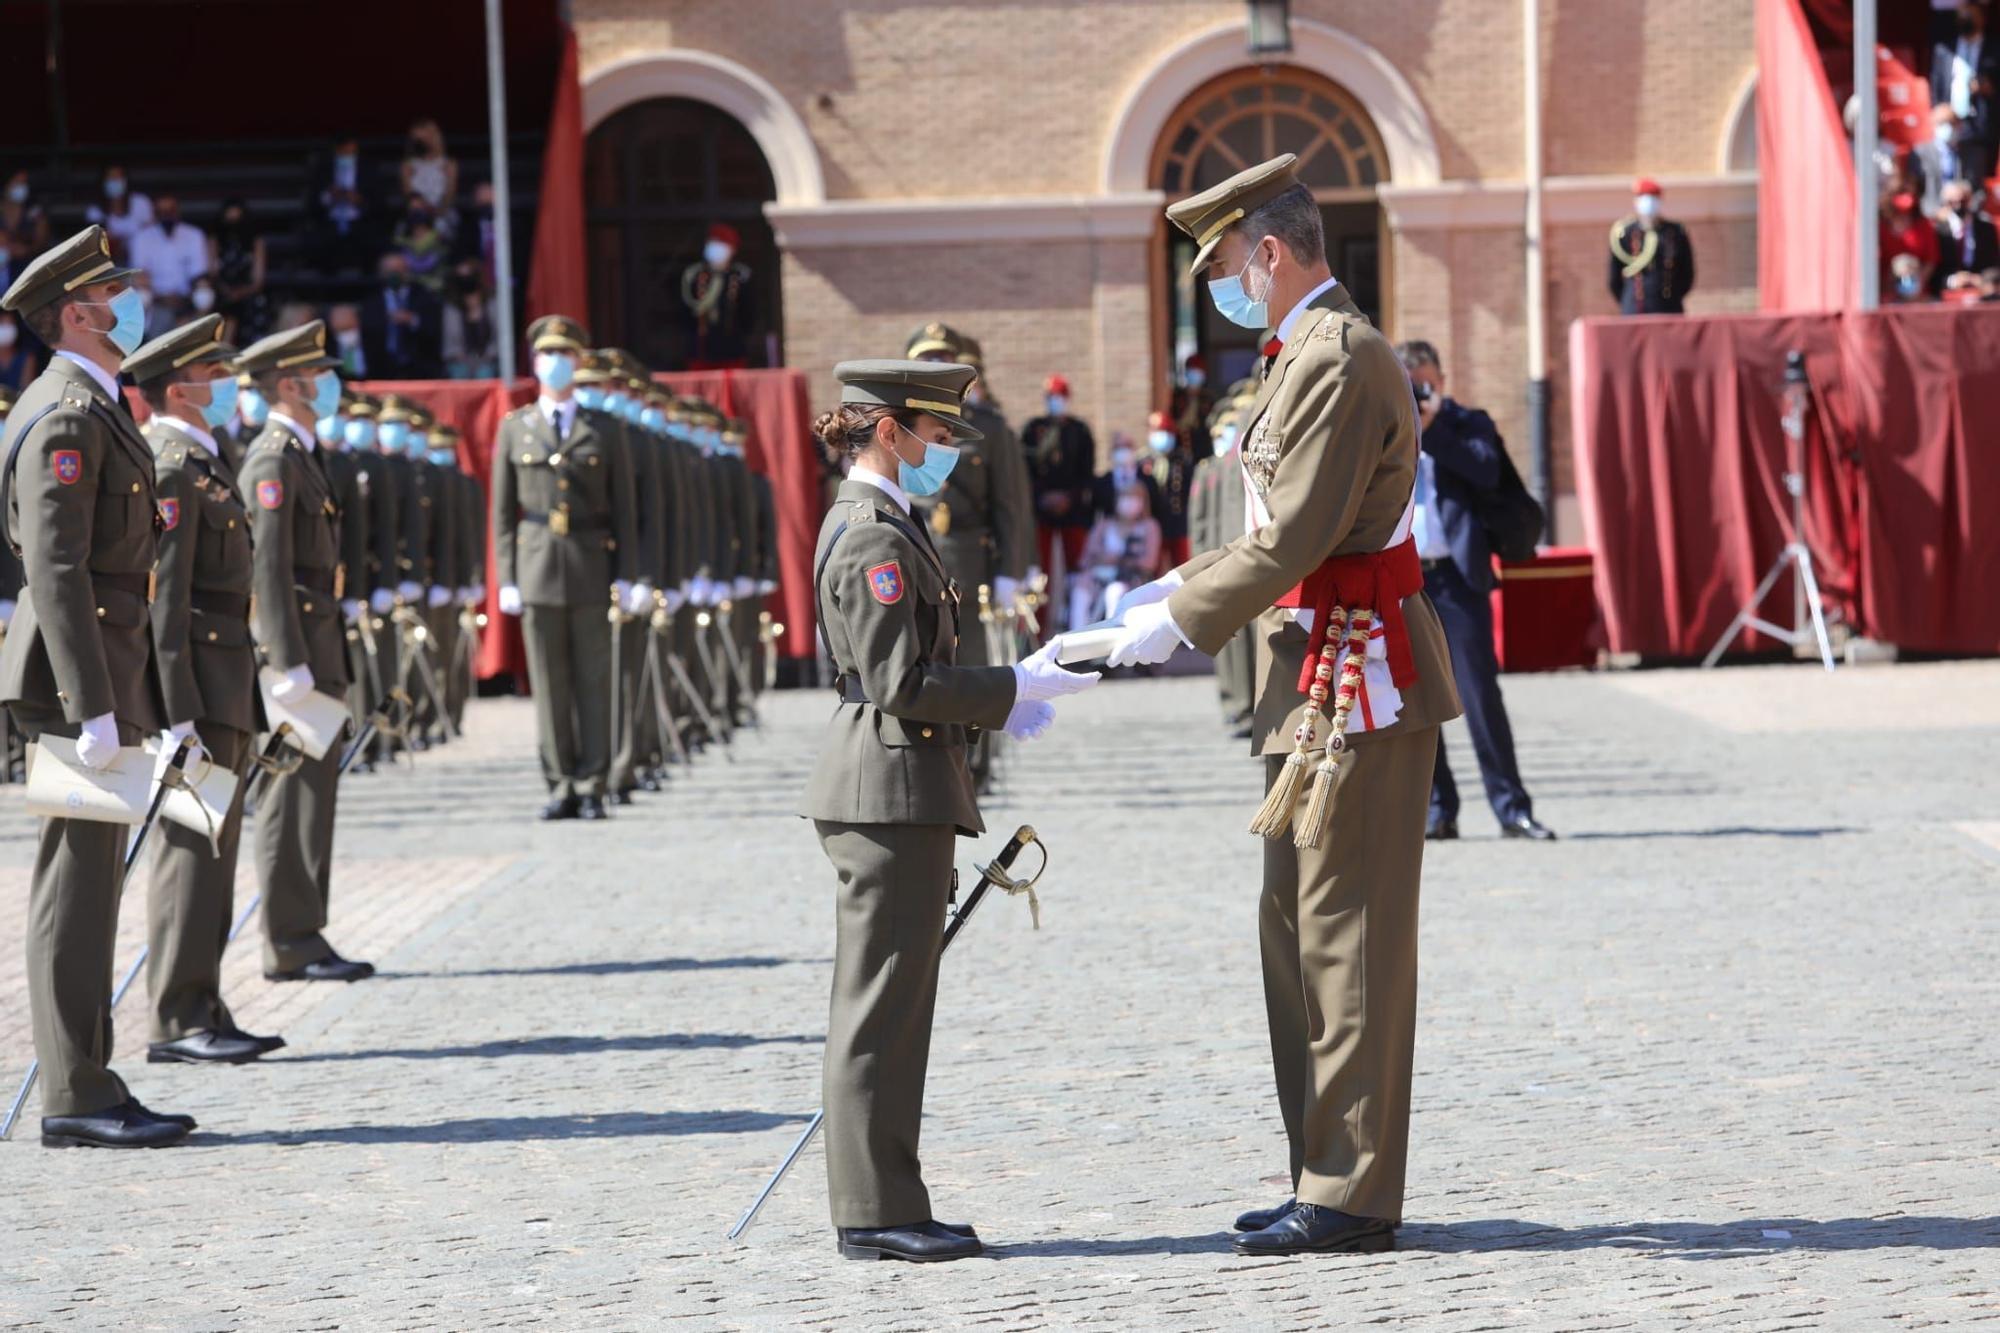 El Rey preside la entrega de despachos a los nuevos oficiales del Ejército y la Guardia Civil